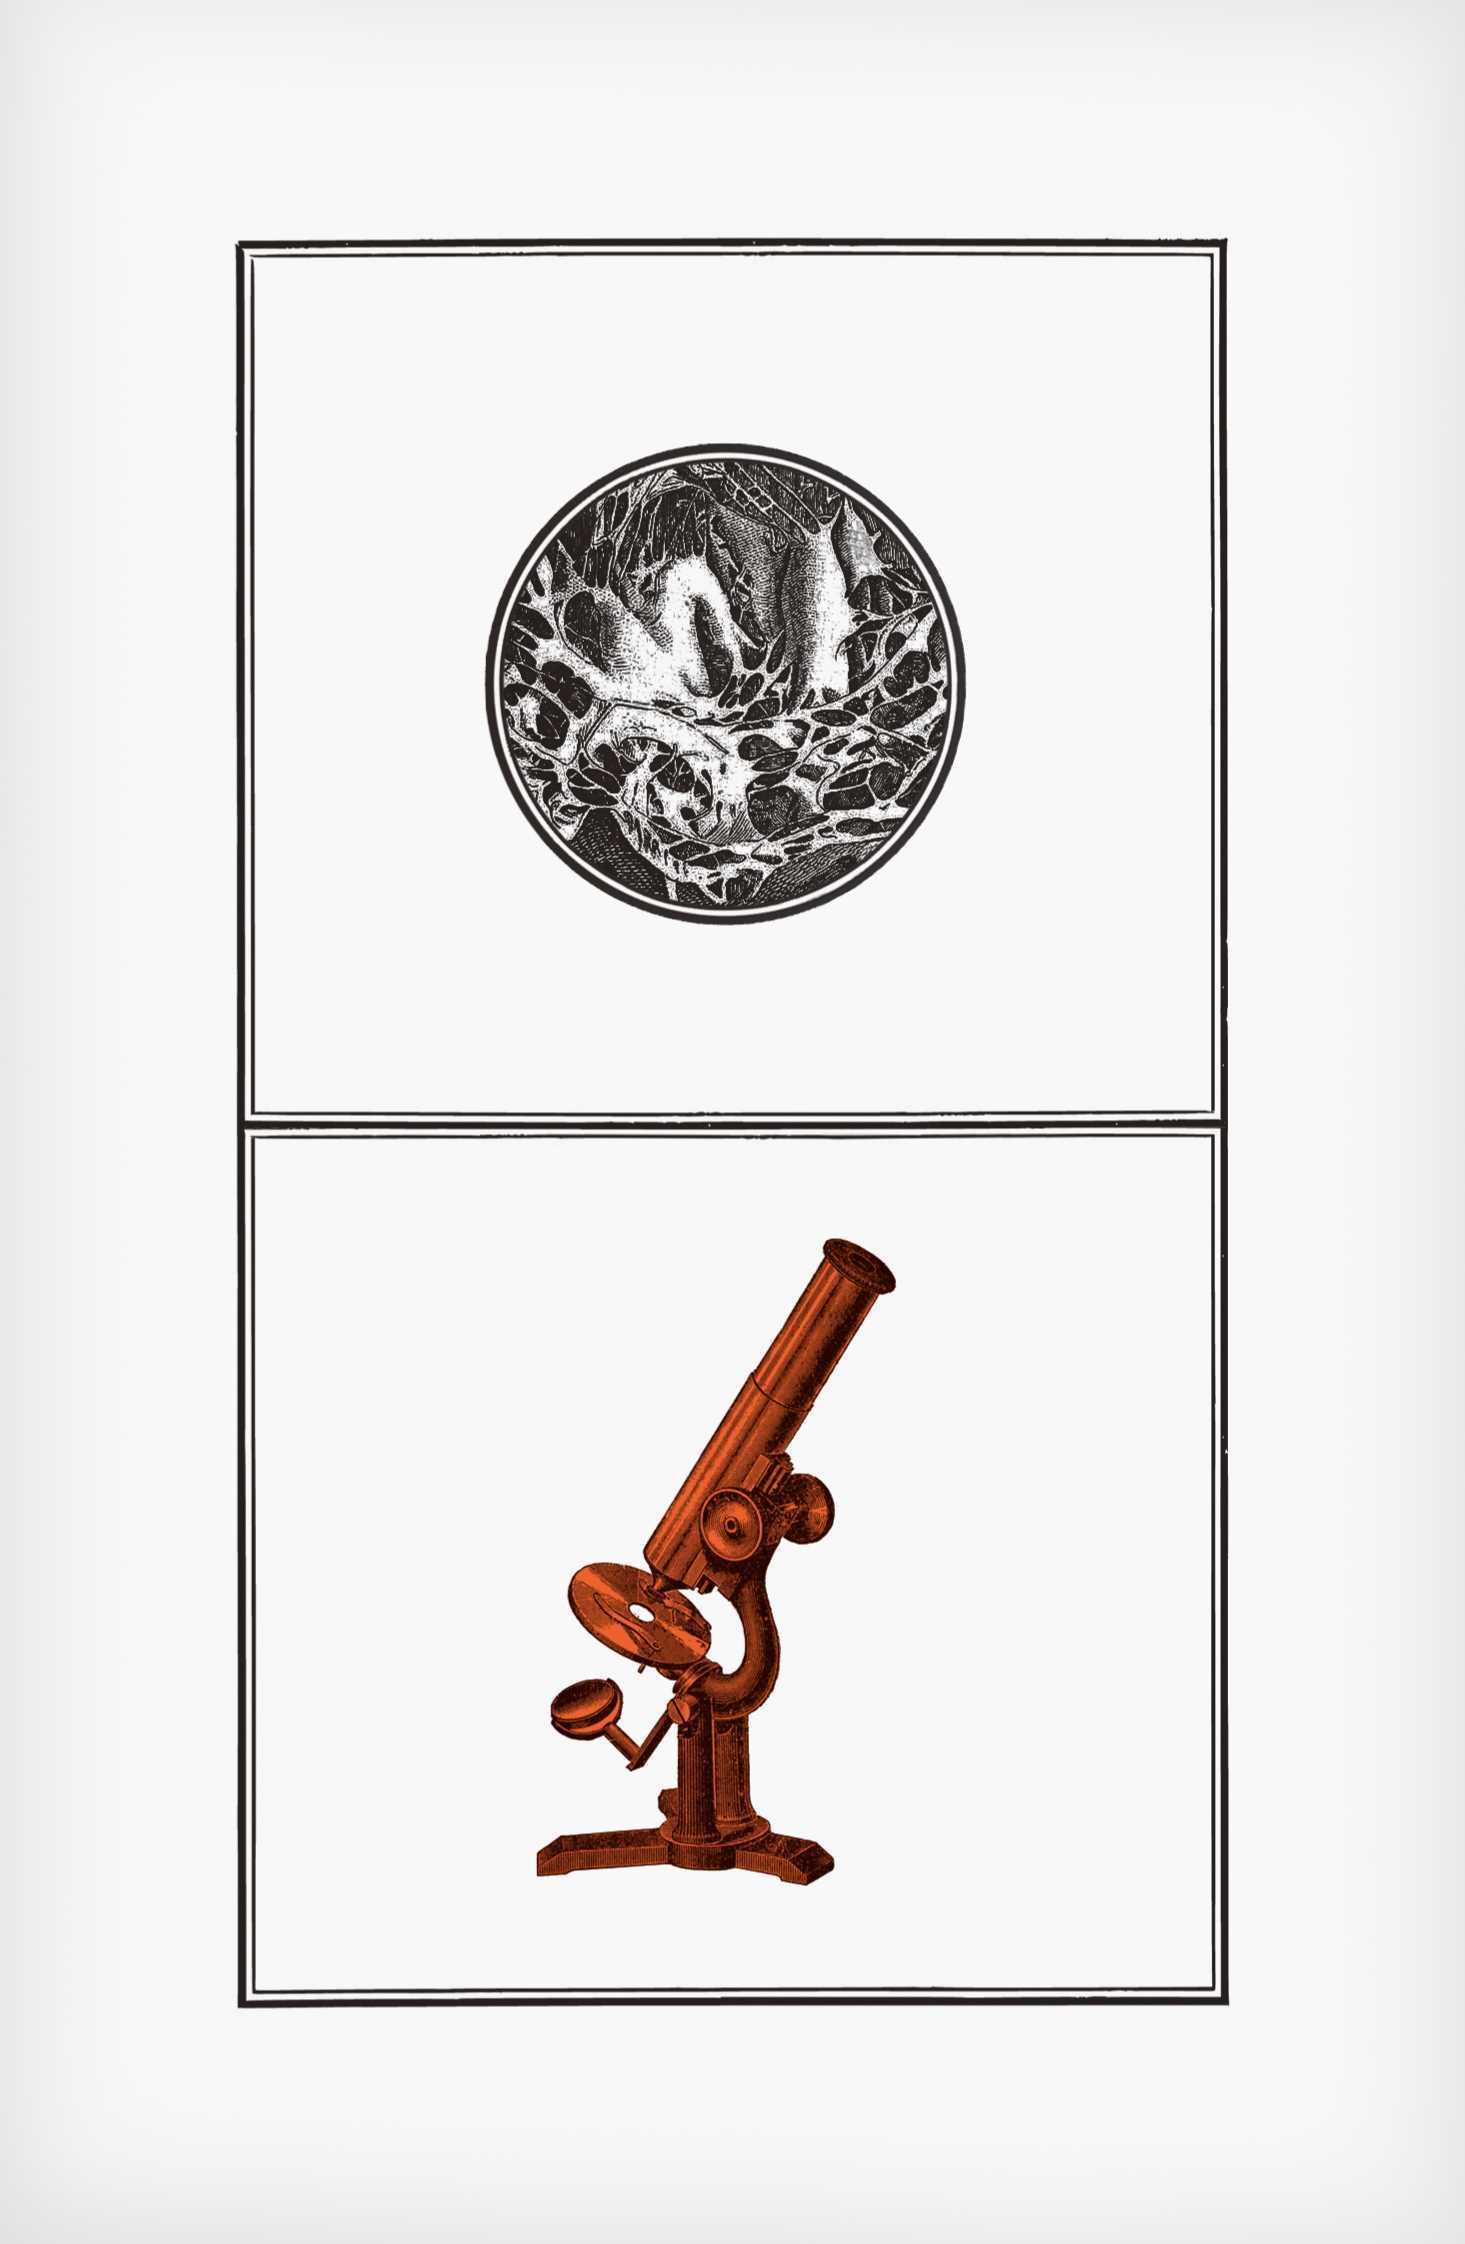 """""""Przeddmiot falliczny"""", ilustracja zksiążki """"Corpus Delicti"""" Jakuba Mikurdy iJakuba Woynarowskiego, grafika: Jakub Woynarowski"""